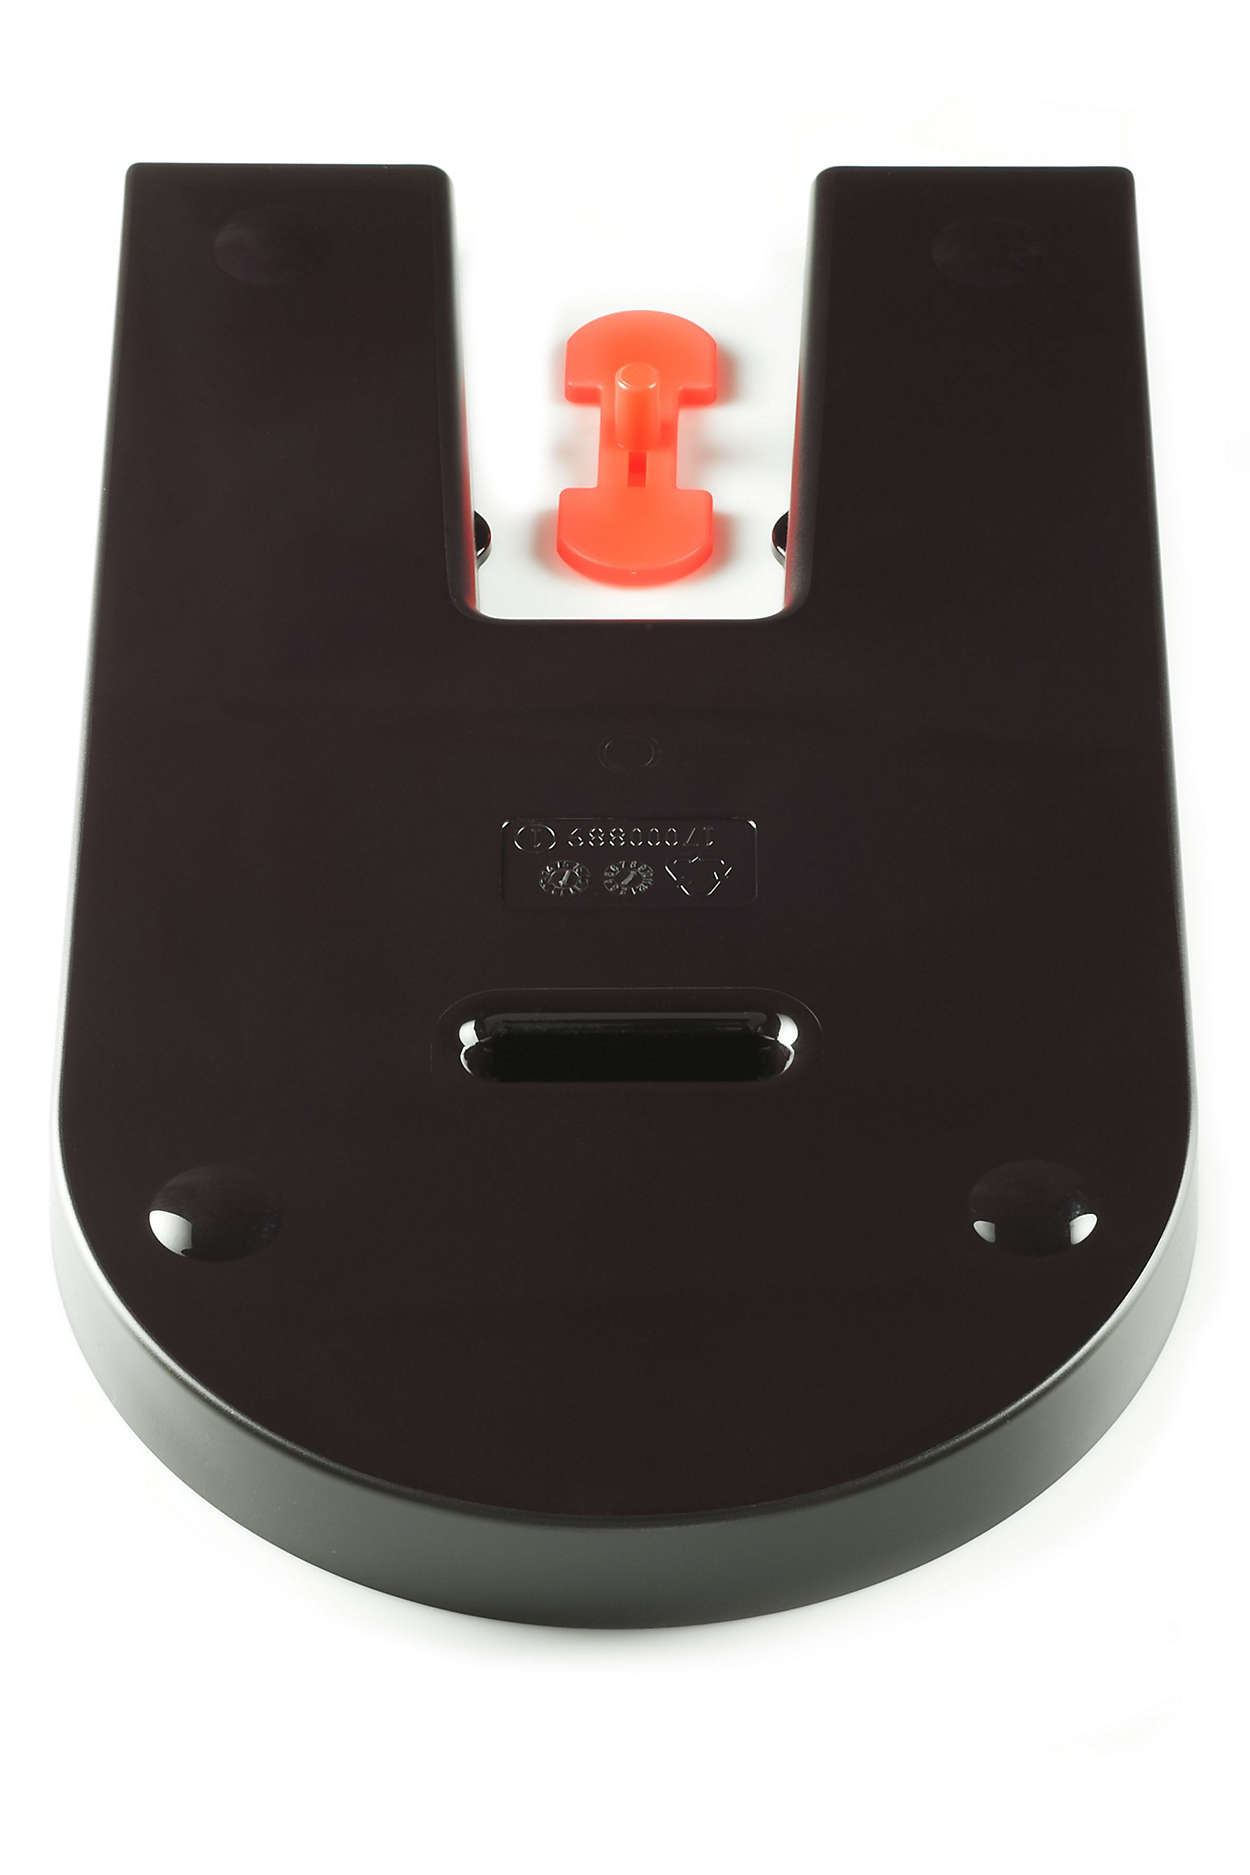 Drypbakke til SENSEO® SARISTA-kaffemaskinen